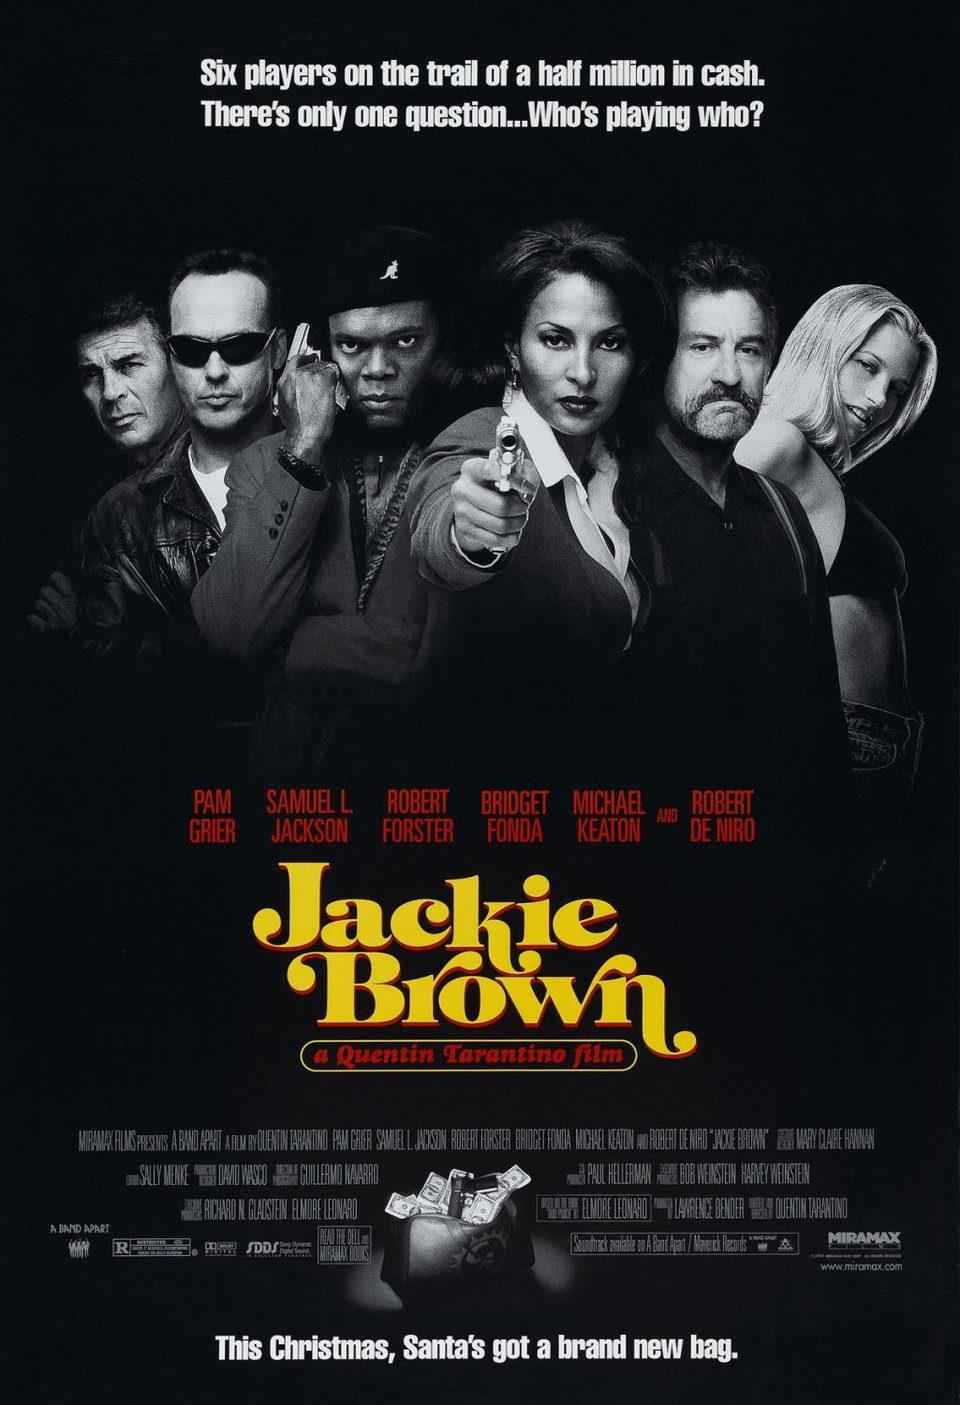 Cartel Estados Unidos de 'Jackie Brown'